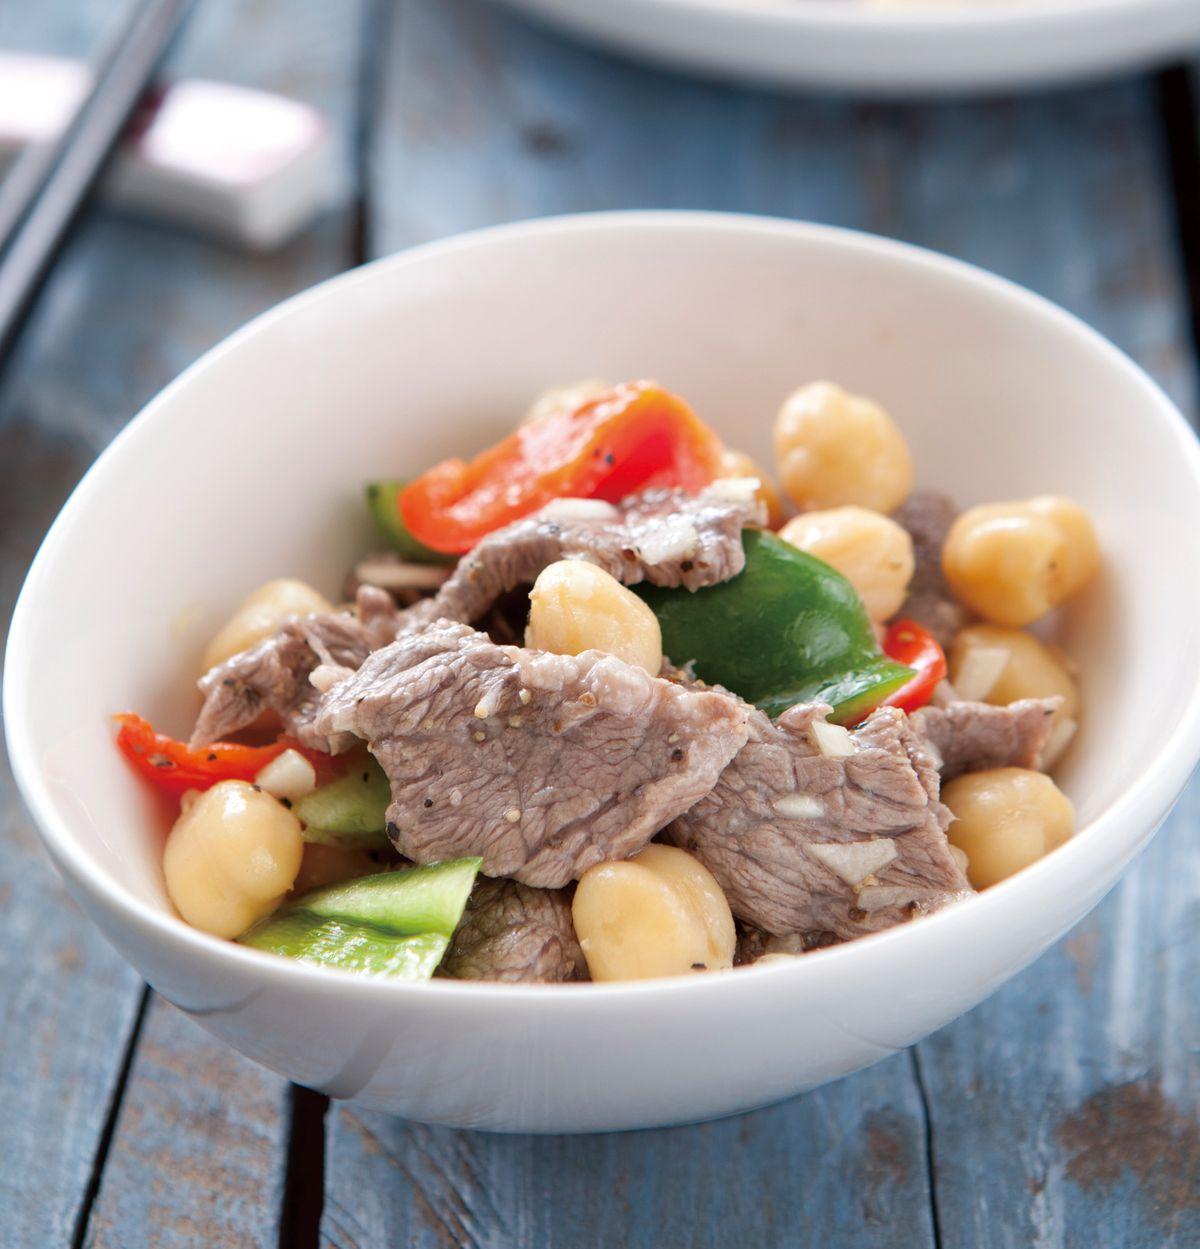 食譜:牛肉片拌鷹嘴豆